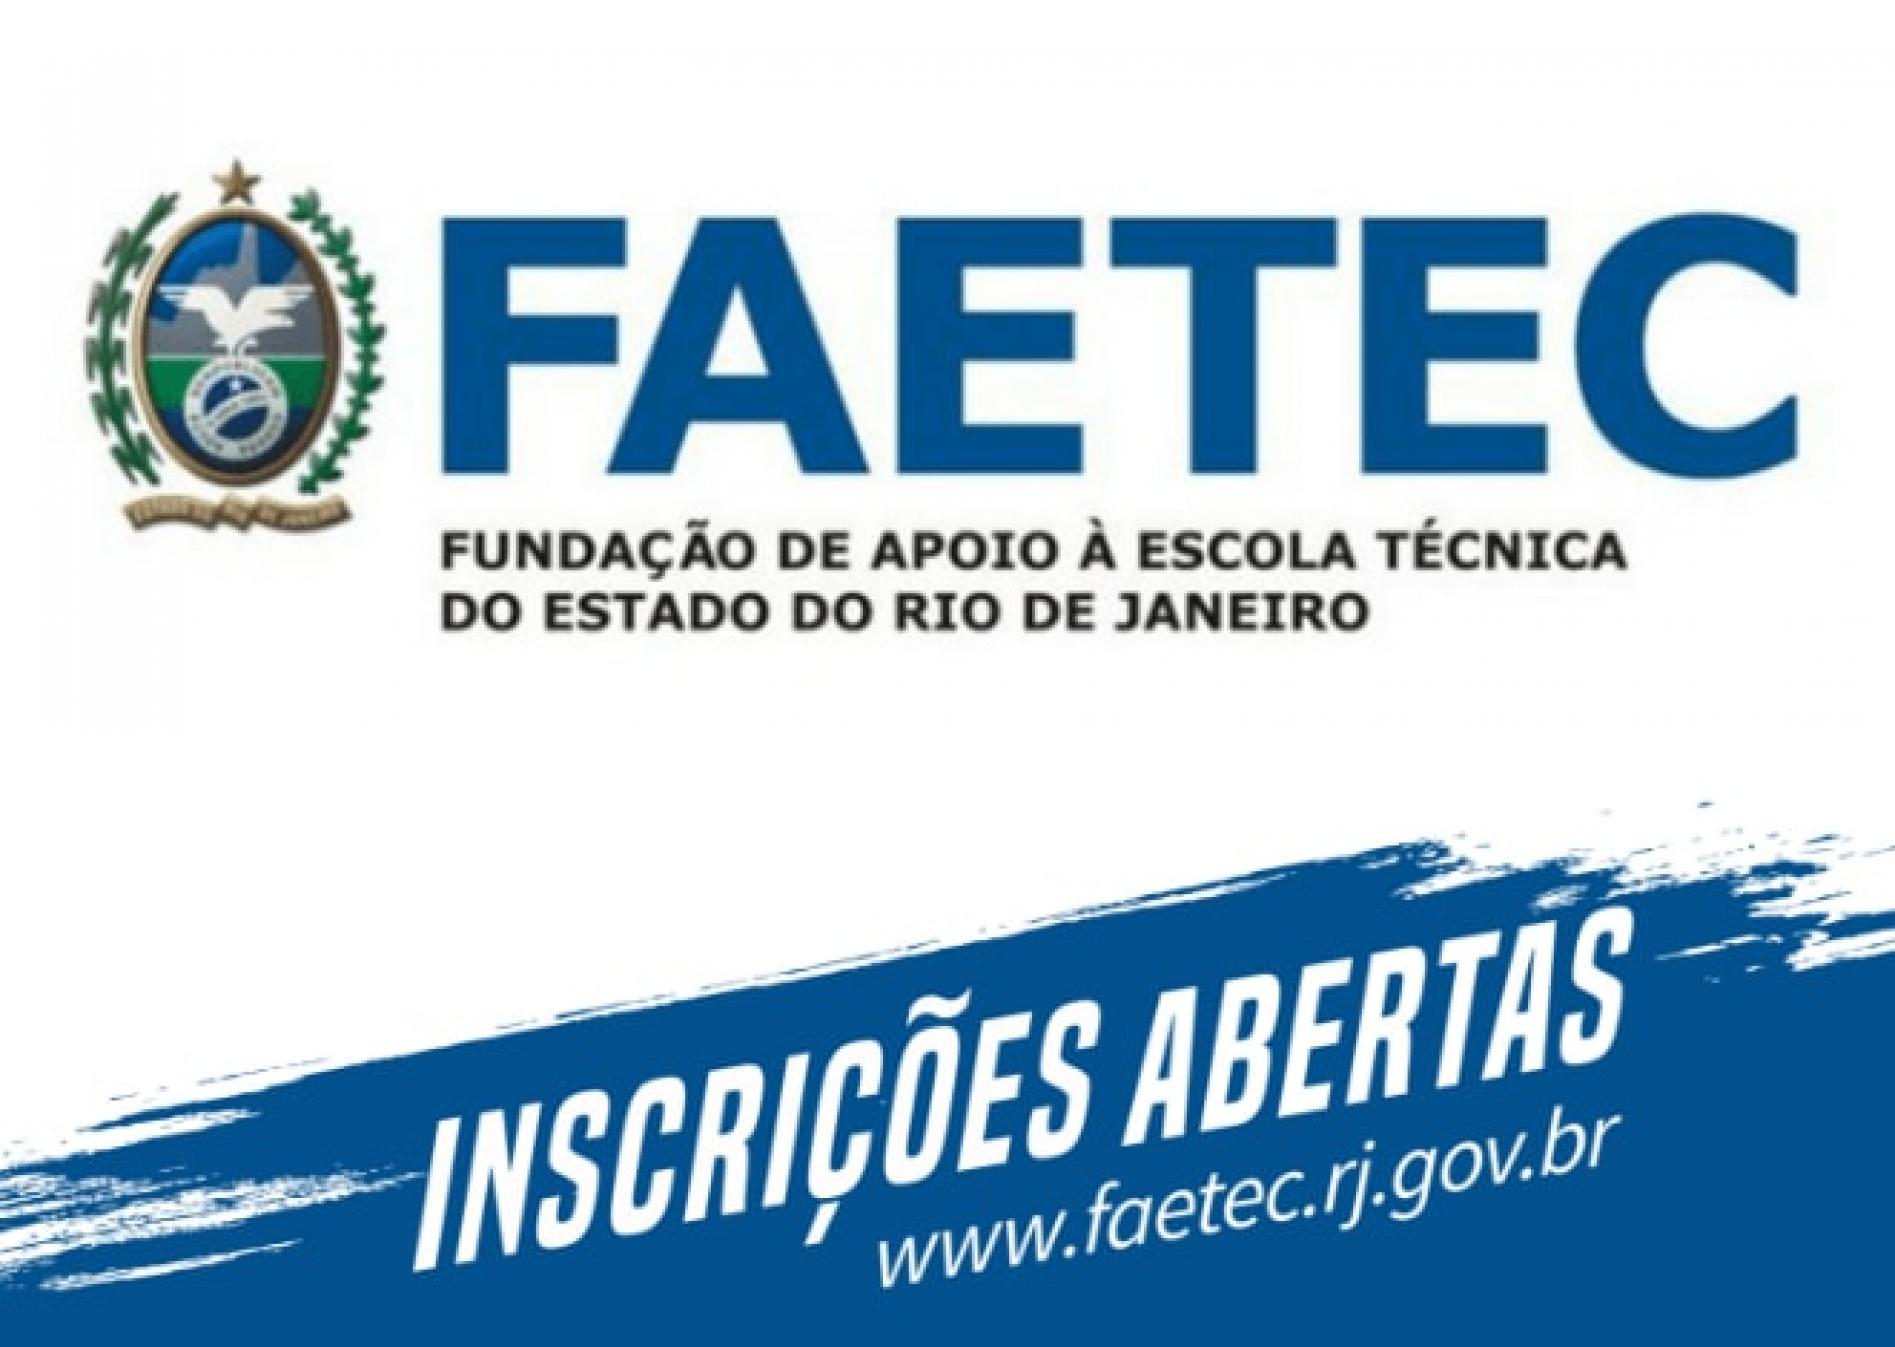 FAETEC 2020